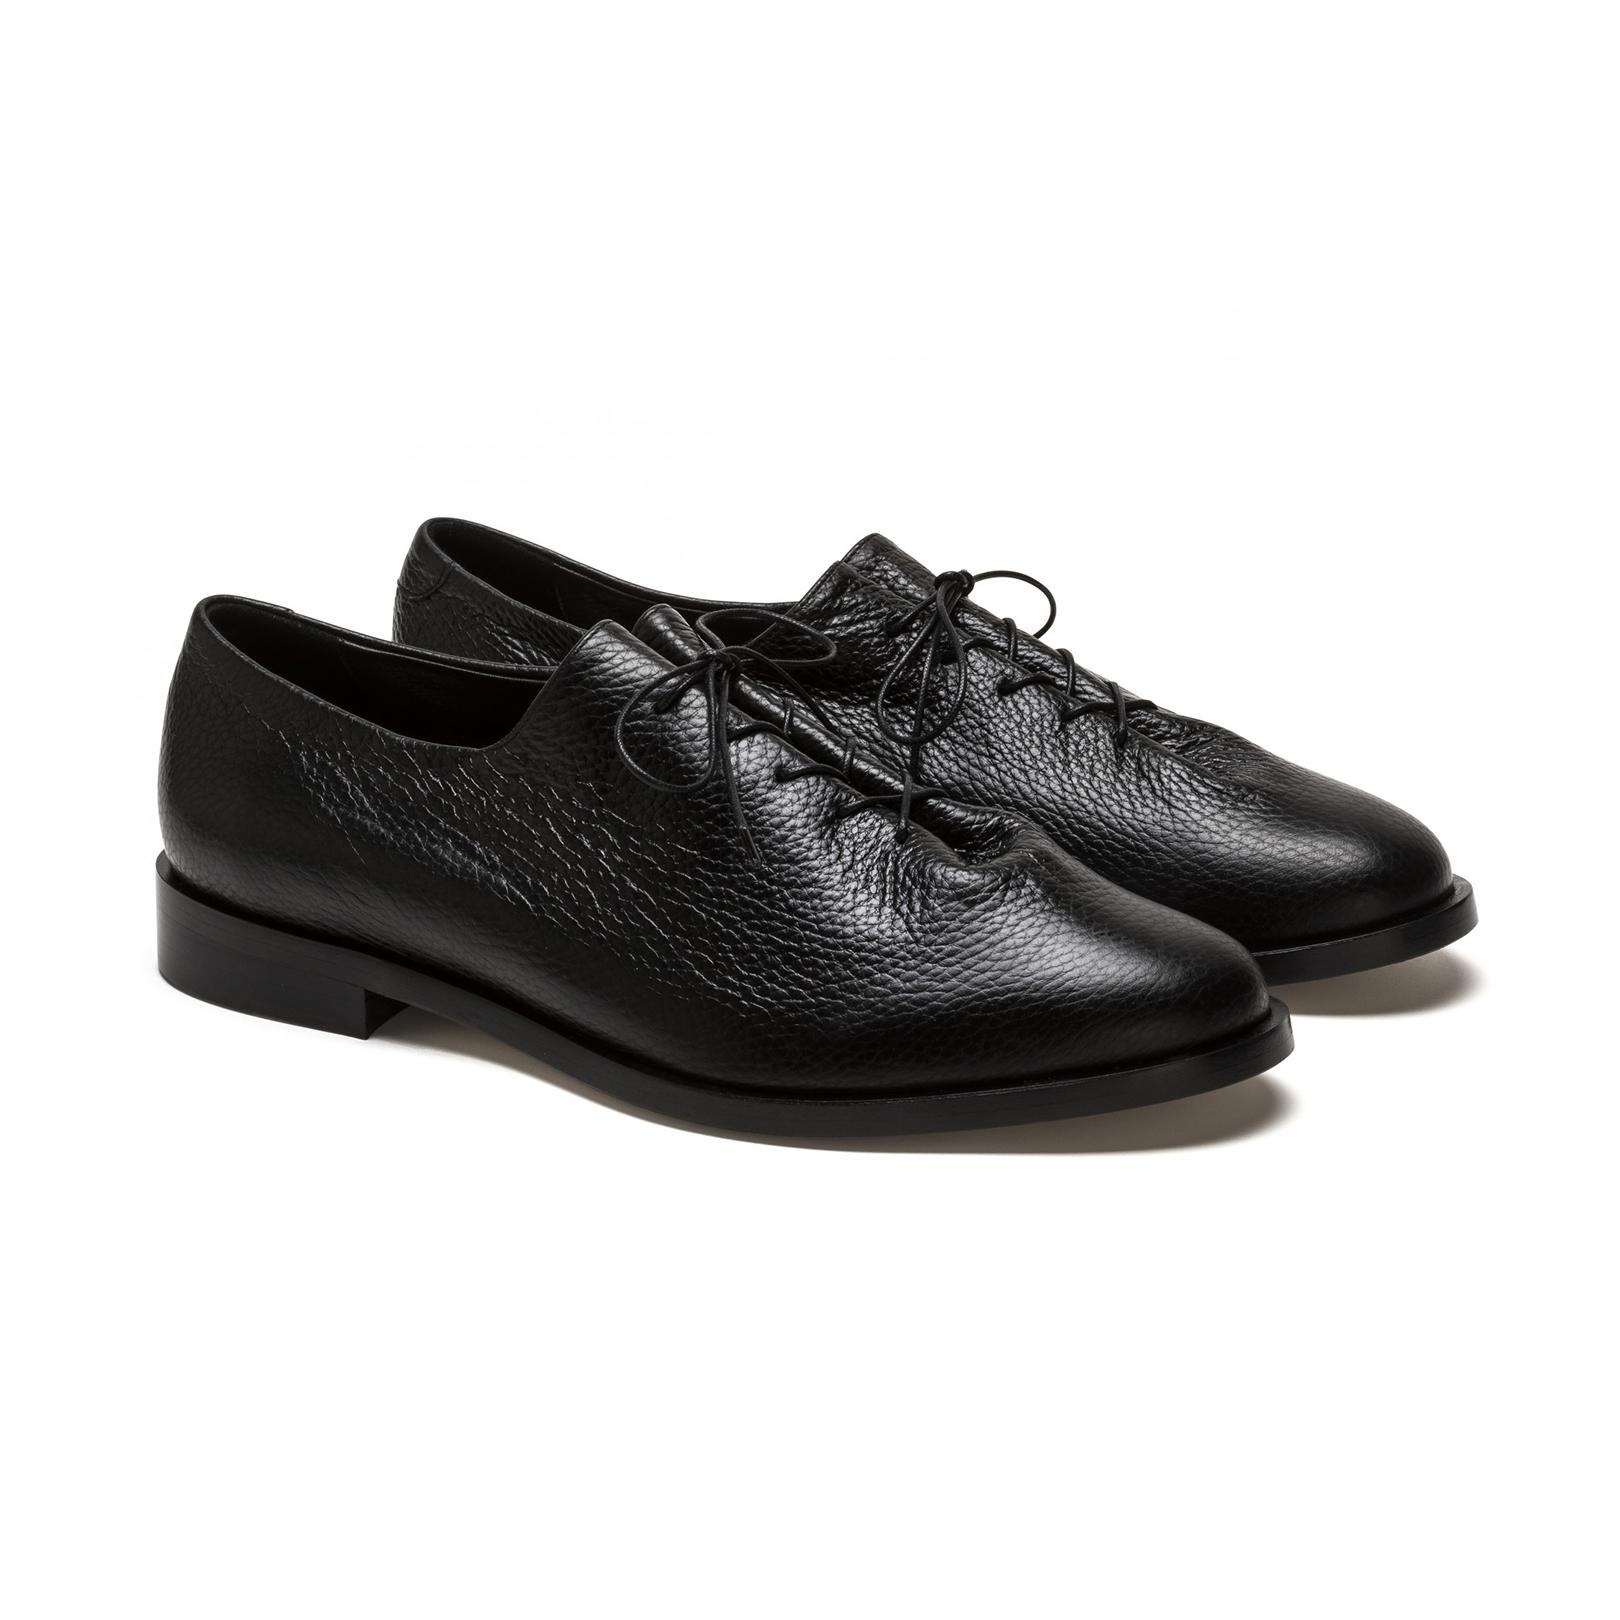 BlackLeatherDressShoes